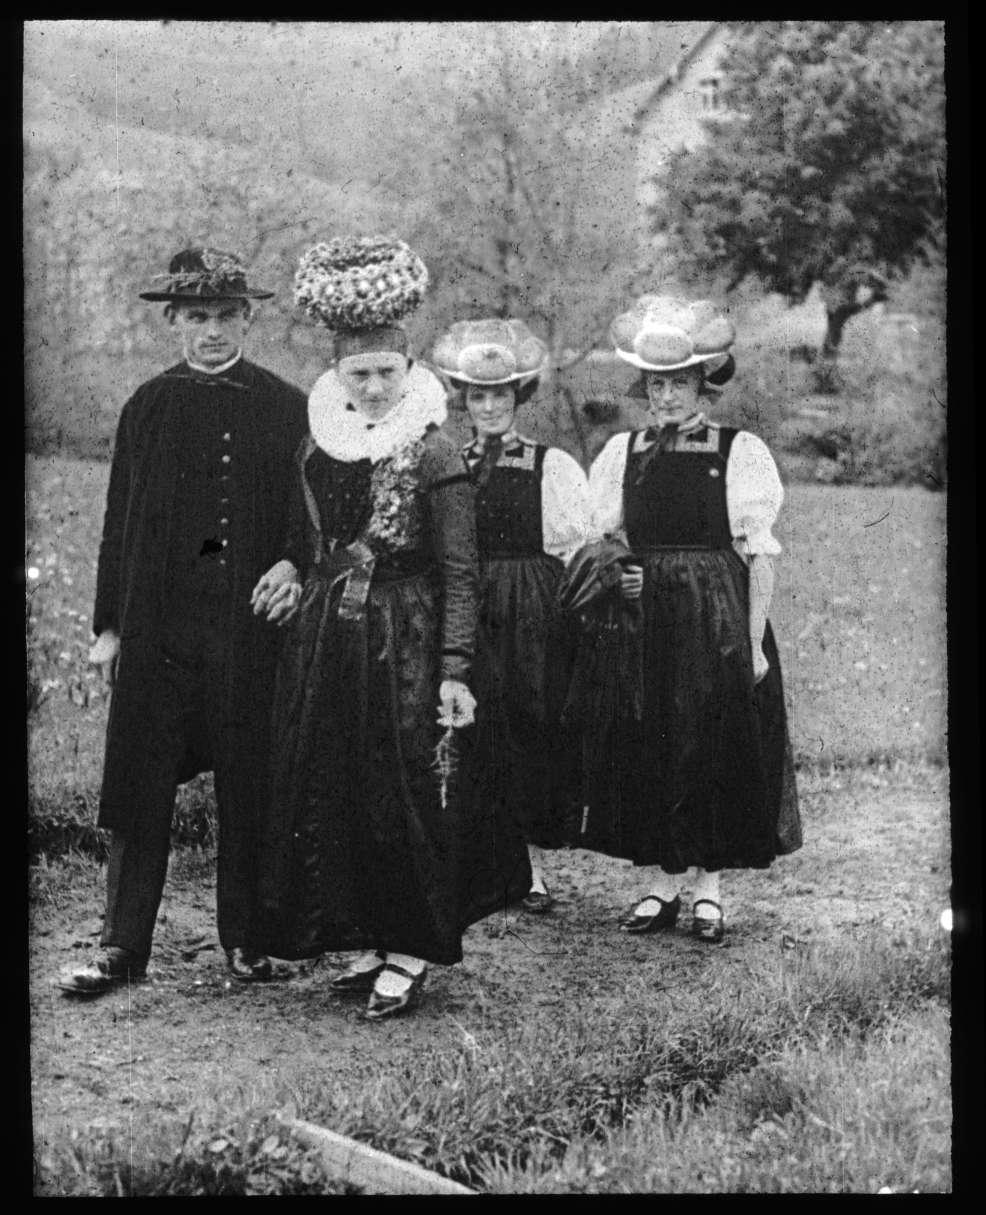 Gutacher Hochzeit, circa 1900-1940 [Quelle: Badisches Landesmuseum Karlsruhe]